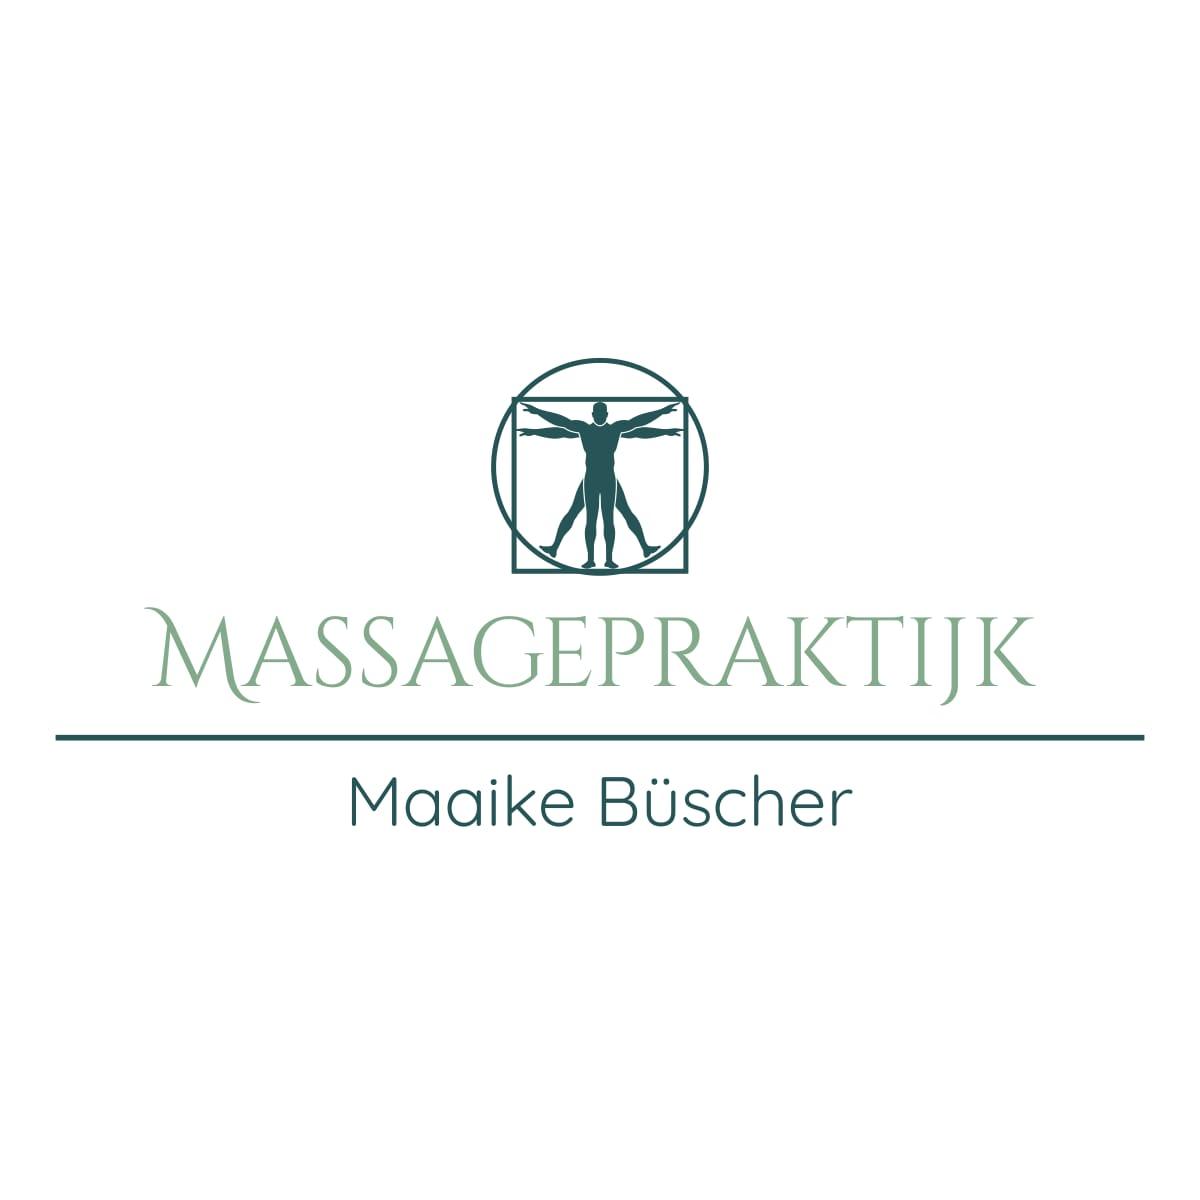 Maaike Büscher